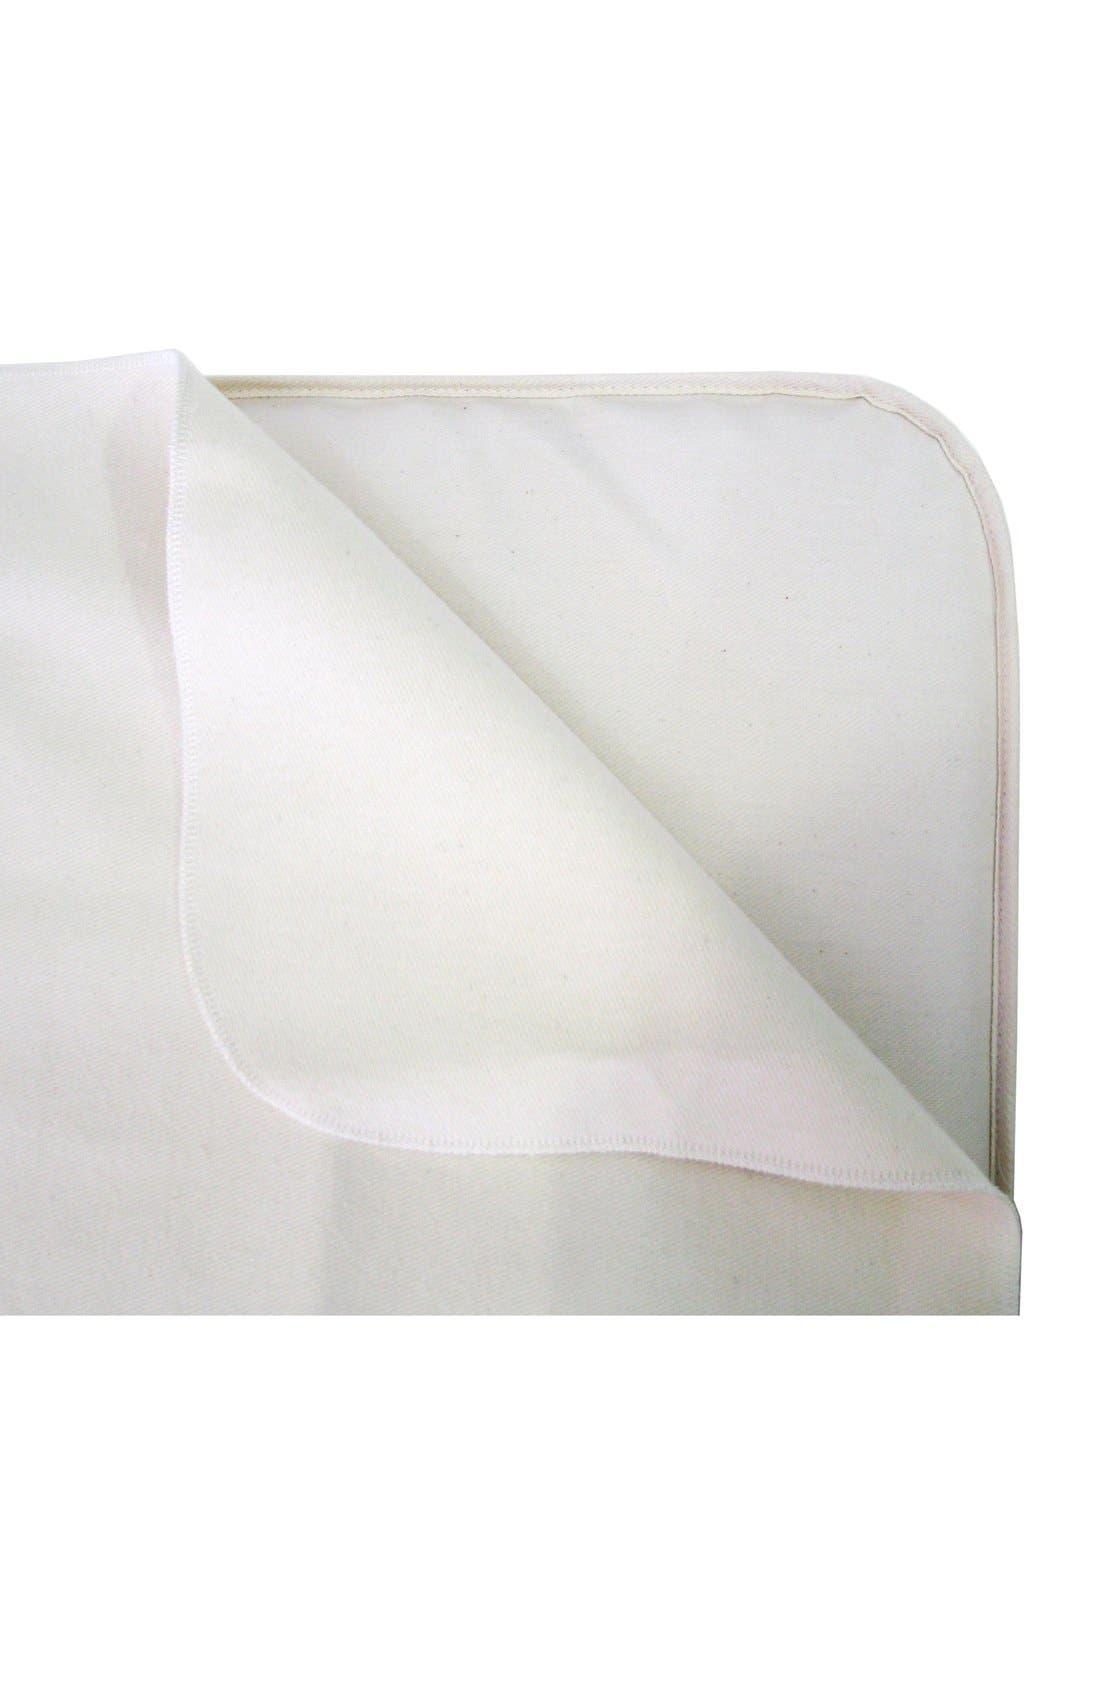 Organic Cotton Waterproof Flat Crib Protector Pad,                             Main thumbnail 1, color,                             250